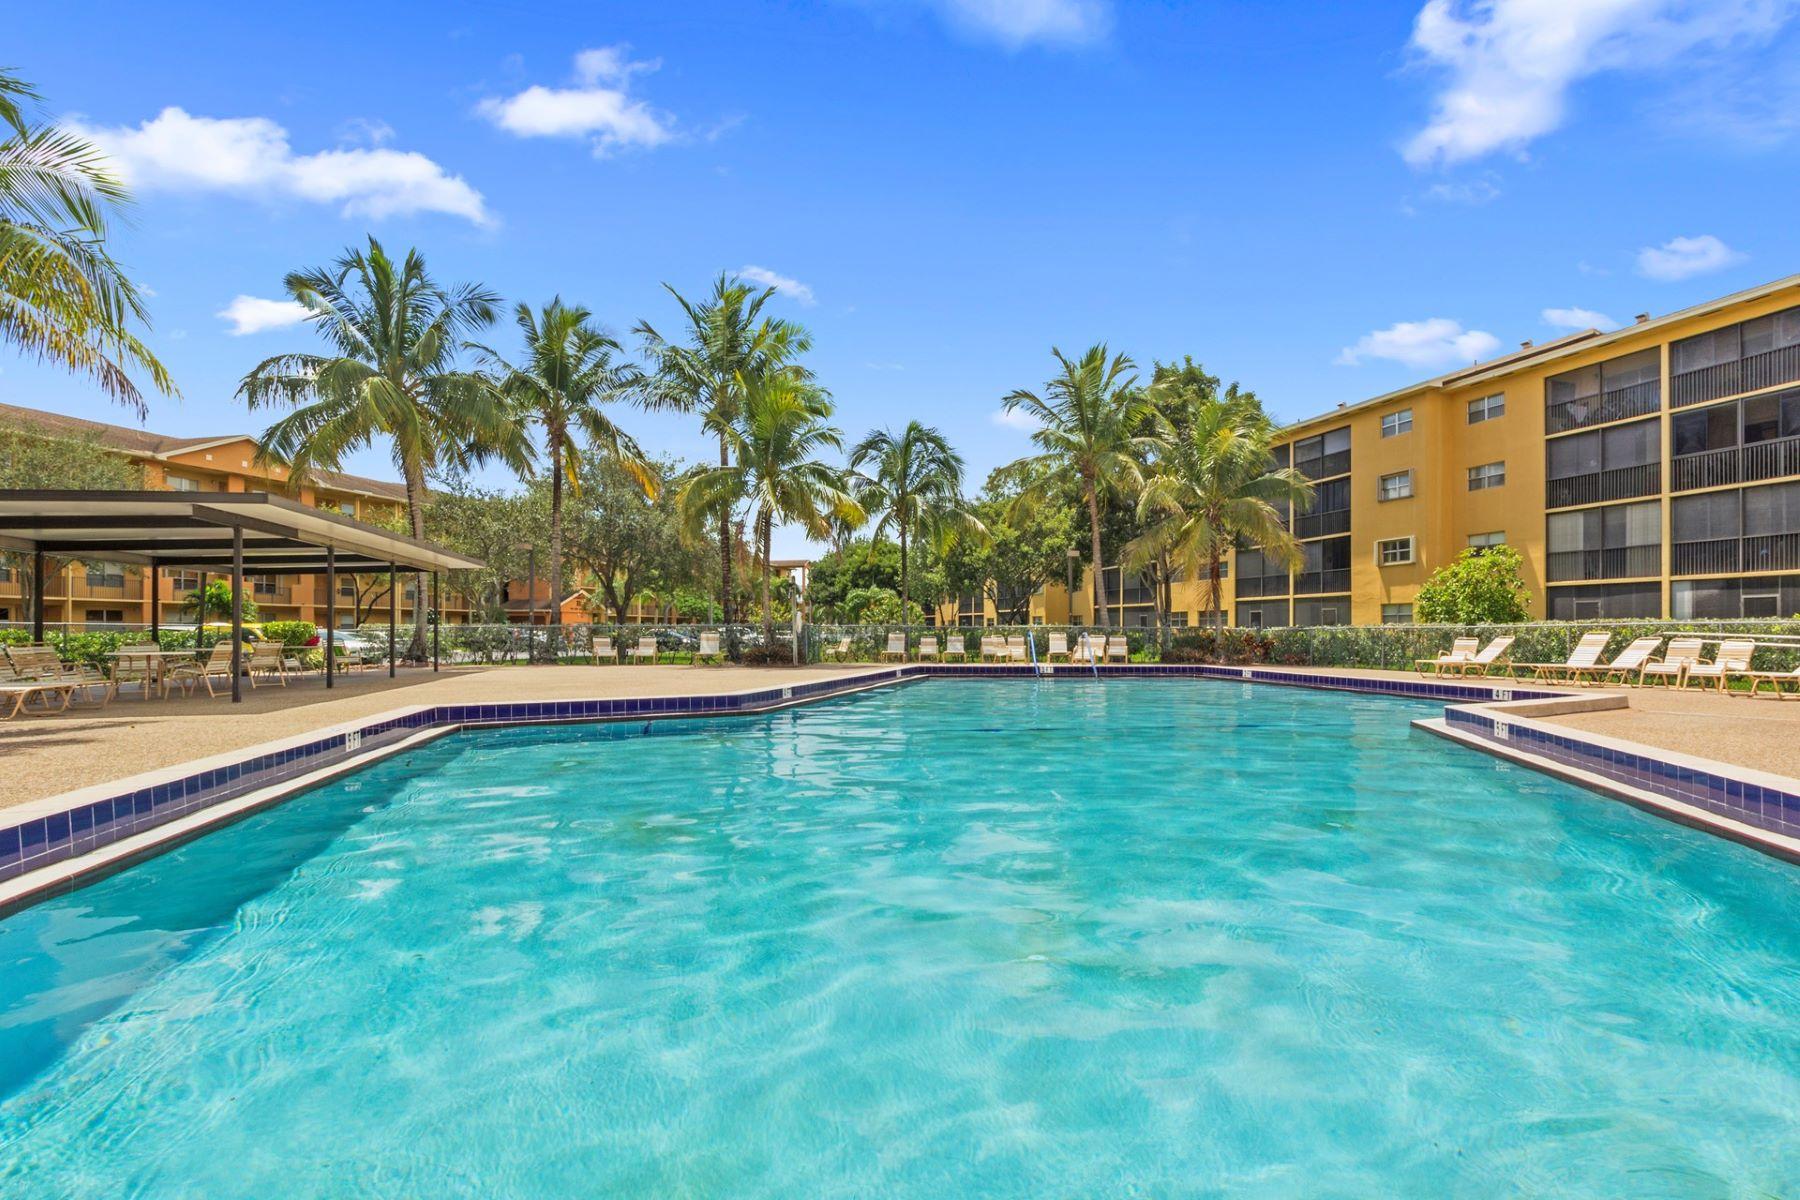 コンドミニアム のために 売買 アット 13800 SW 5 CT 13800 SW 5 CT # 101-M Pembroke Pines, フロリダ, 33027 アメリカ合衆国